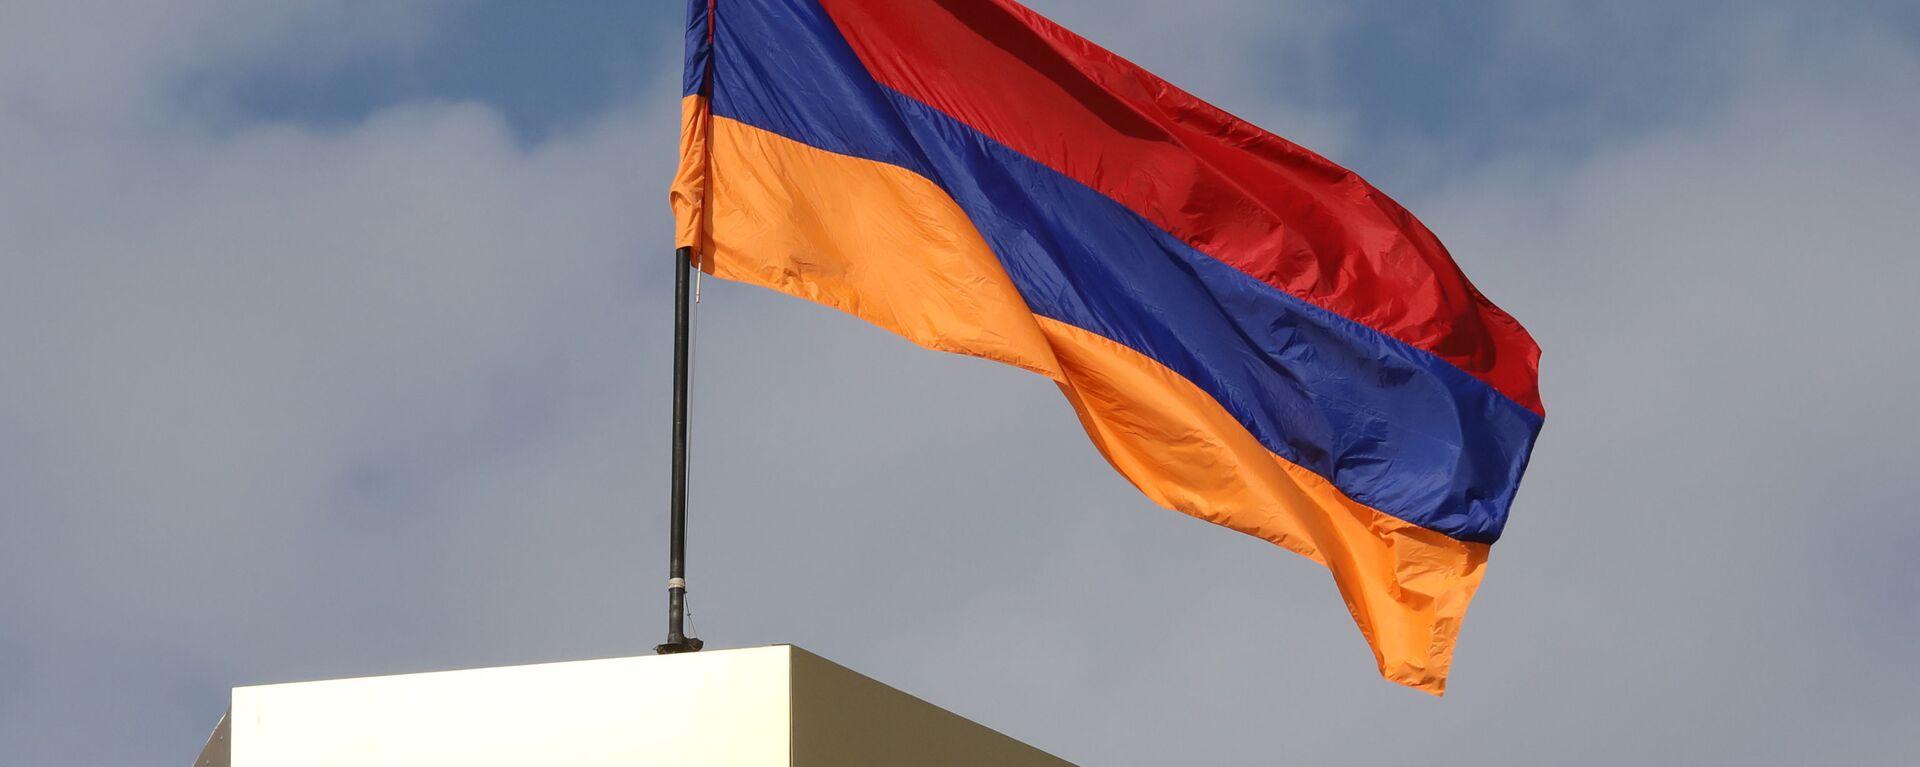 Ermenistan bayrak - Ermenistan bayrağı - Sputnik Türkiye, 1920, 31.03.2021